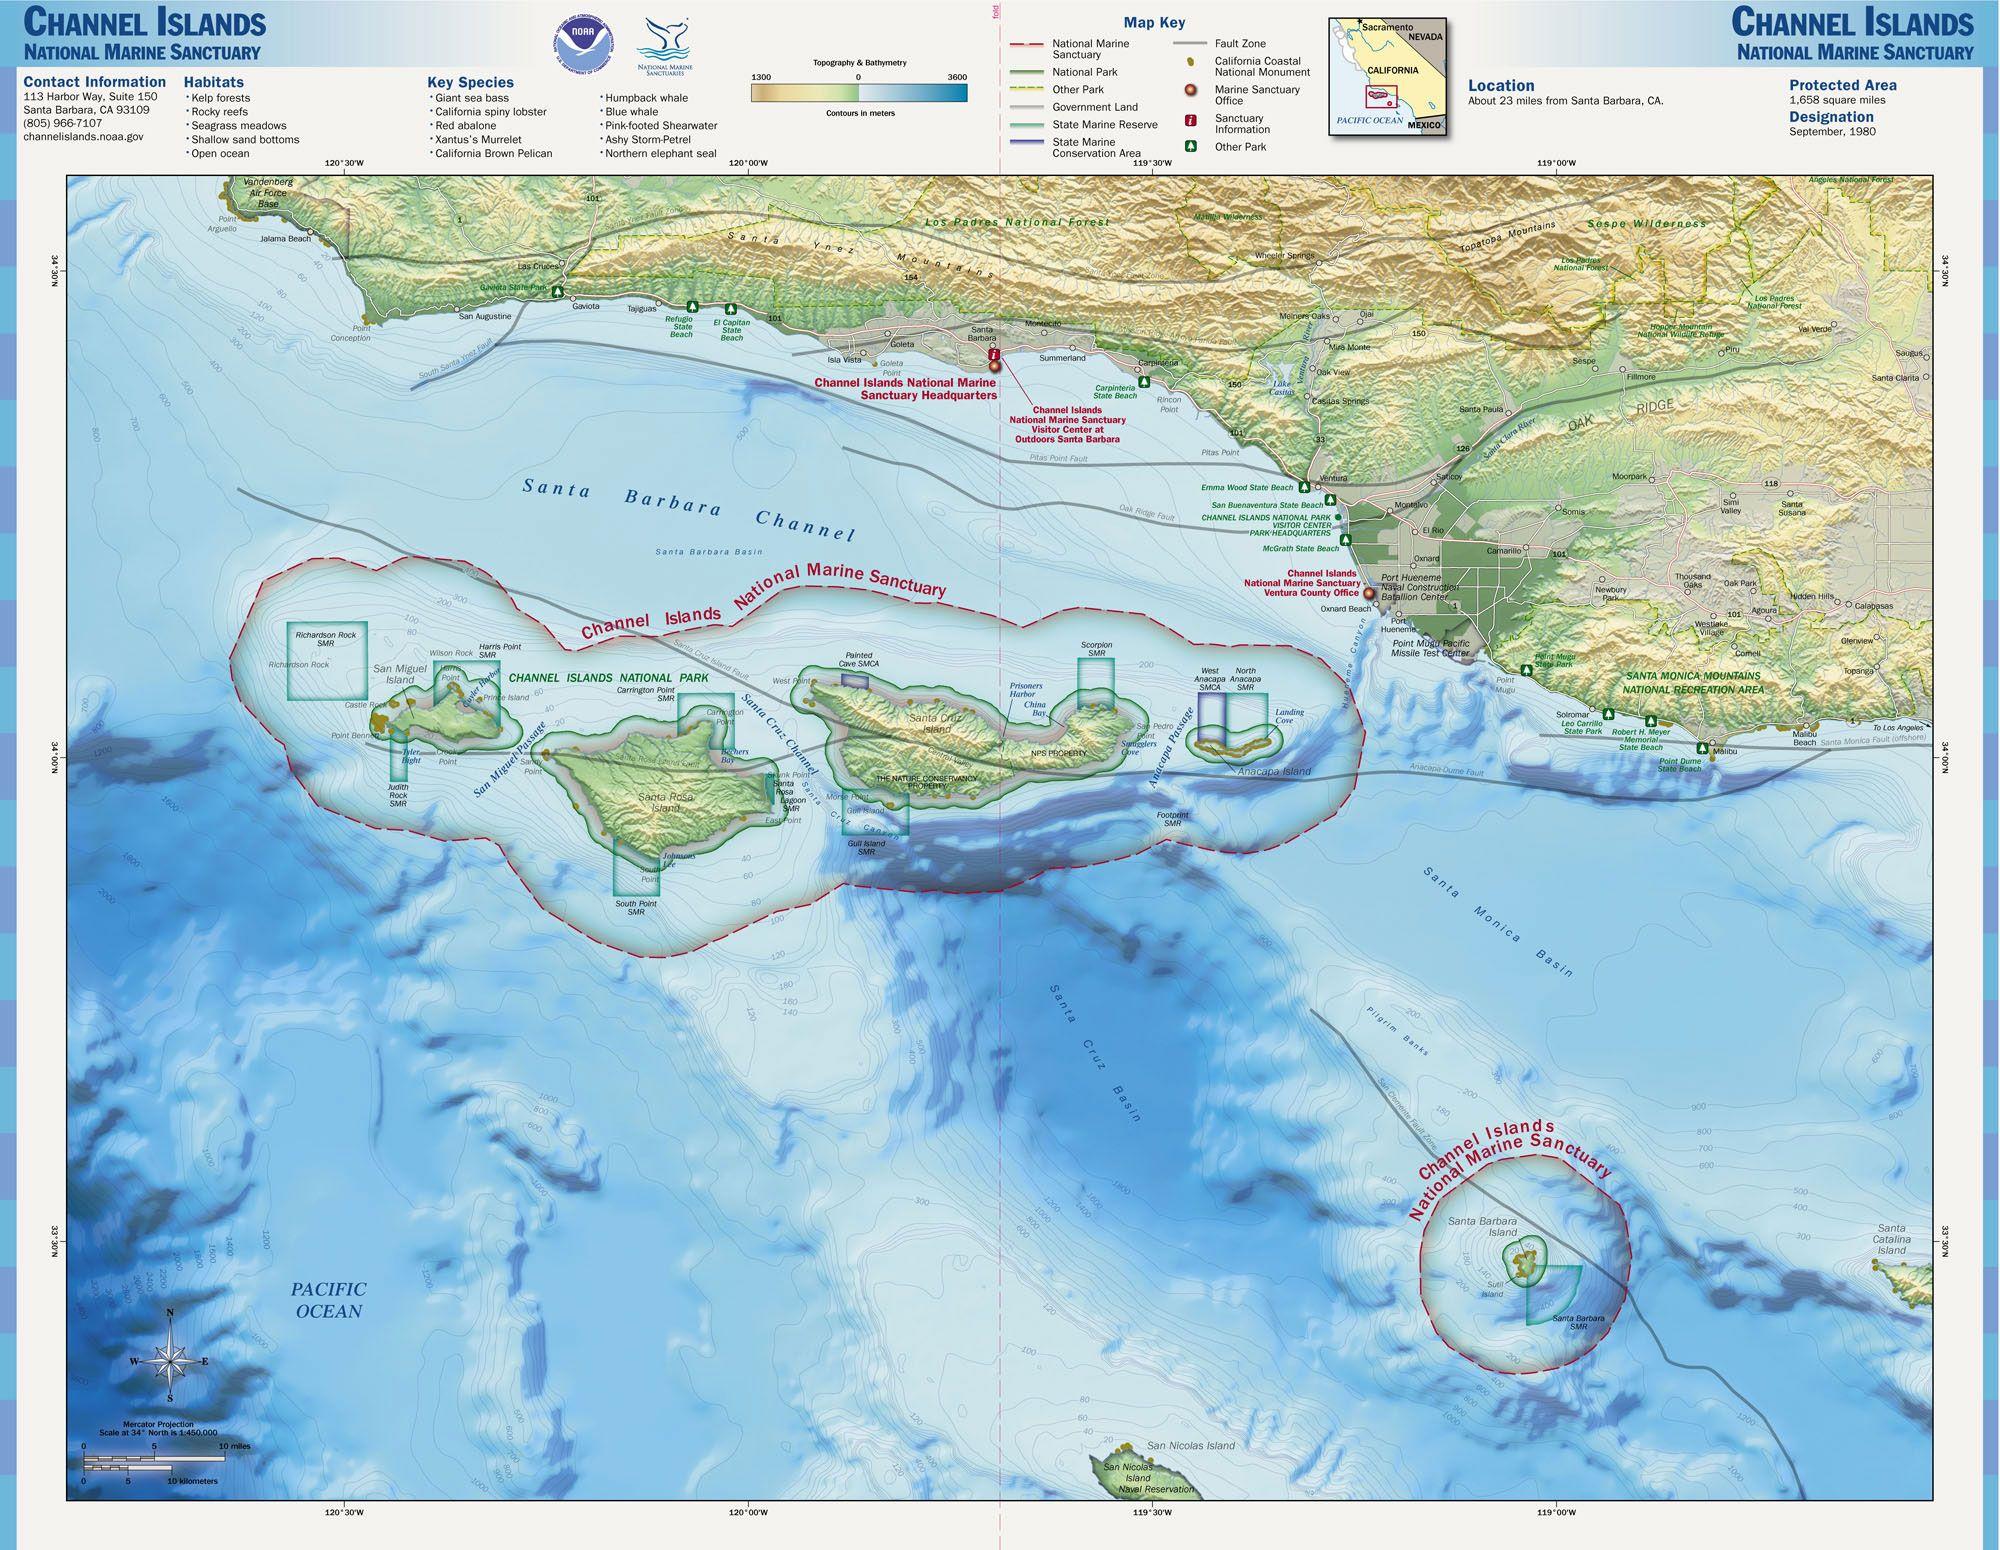 channel island map FileChannel Islands NMS mapjpg Wikipedia